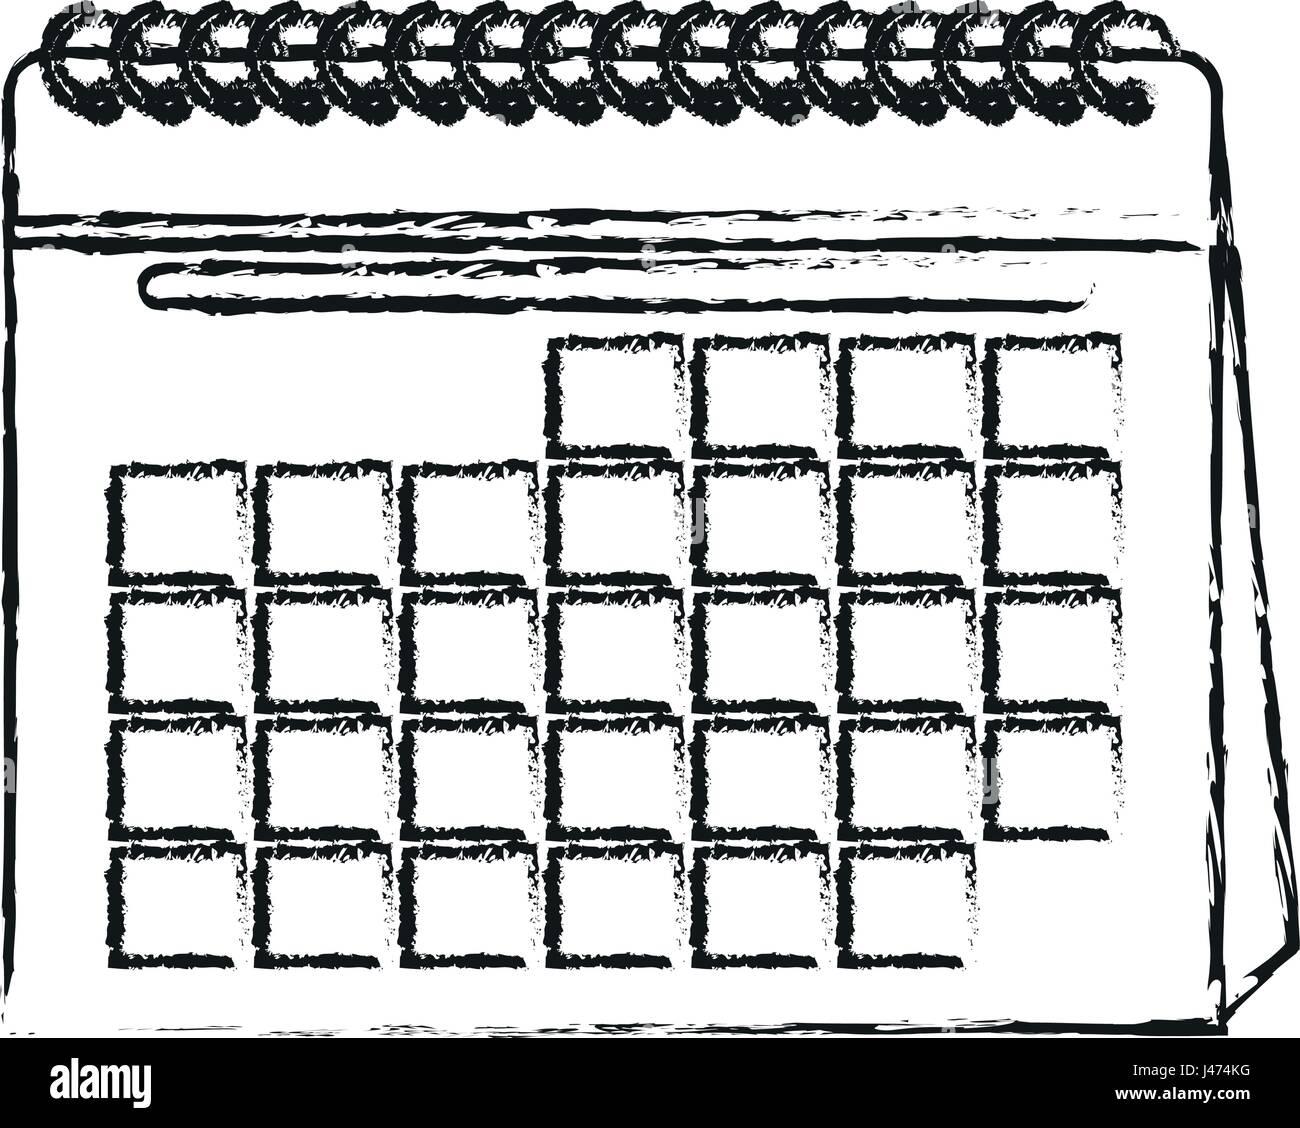 Calendario Dibujo Png.Silueta Borrosa Cartoon Calendario Con Espiral Ilustracion